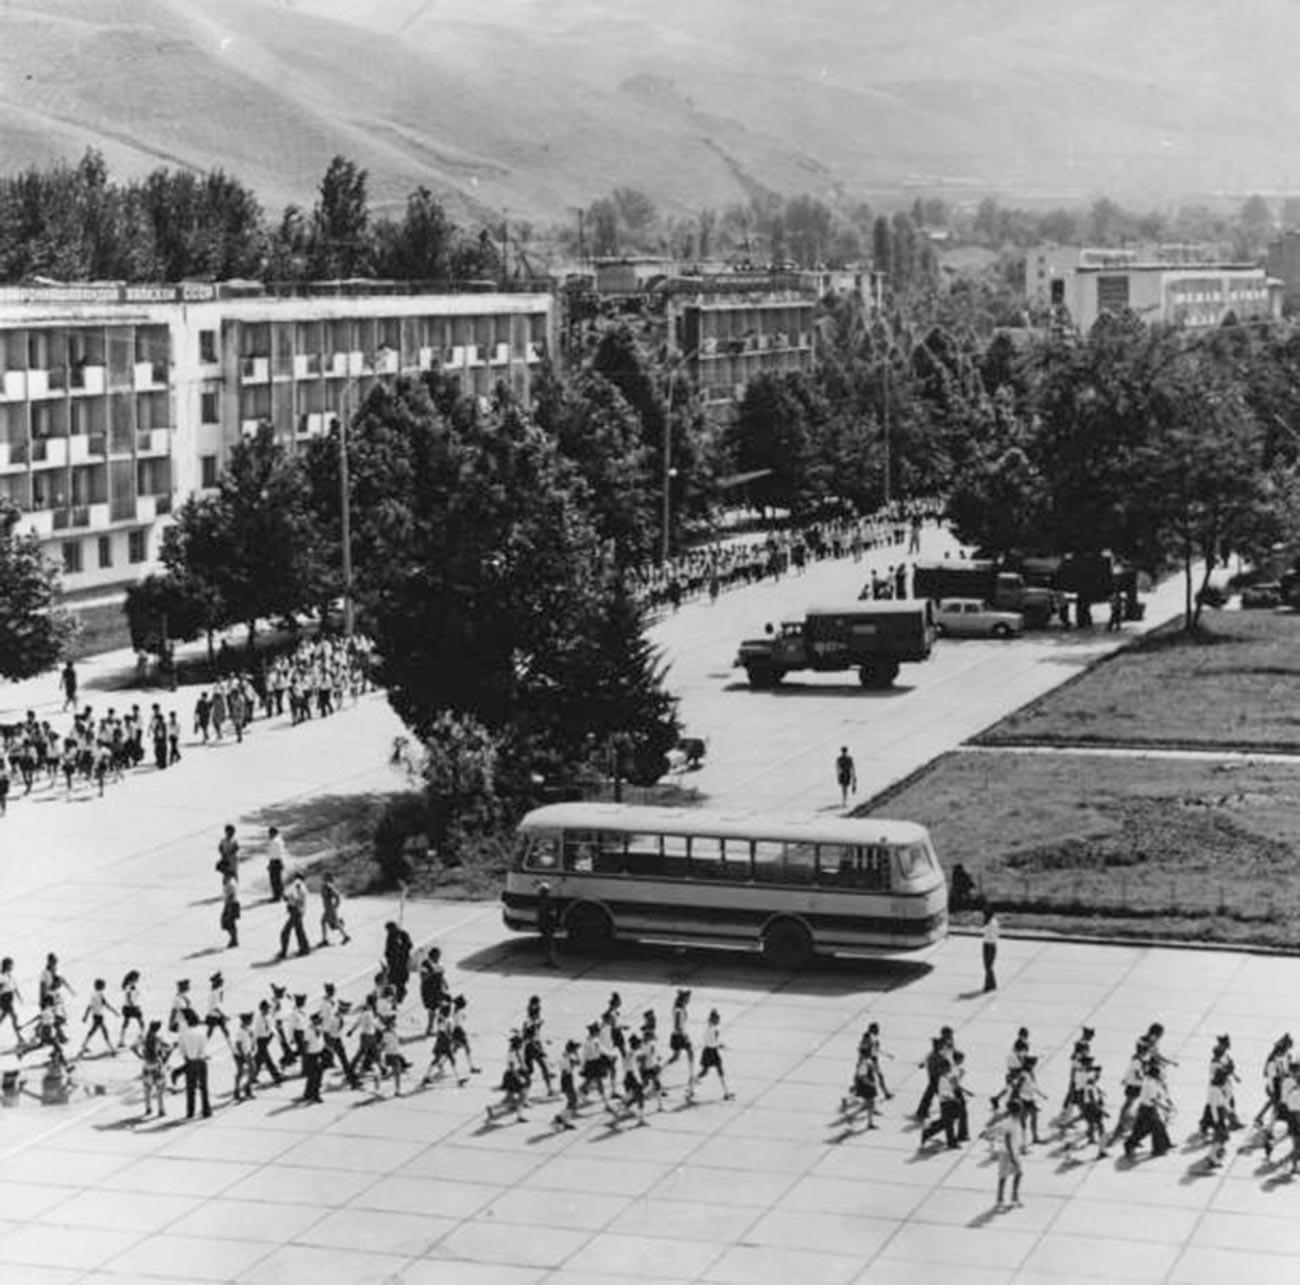 Le jour des pionniers au Tadjikistan, 19 mai 1972